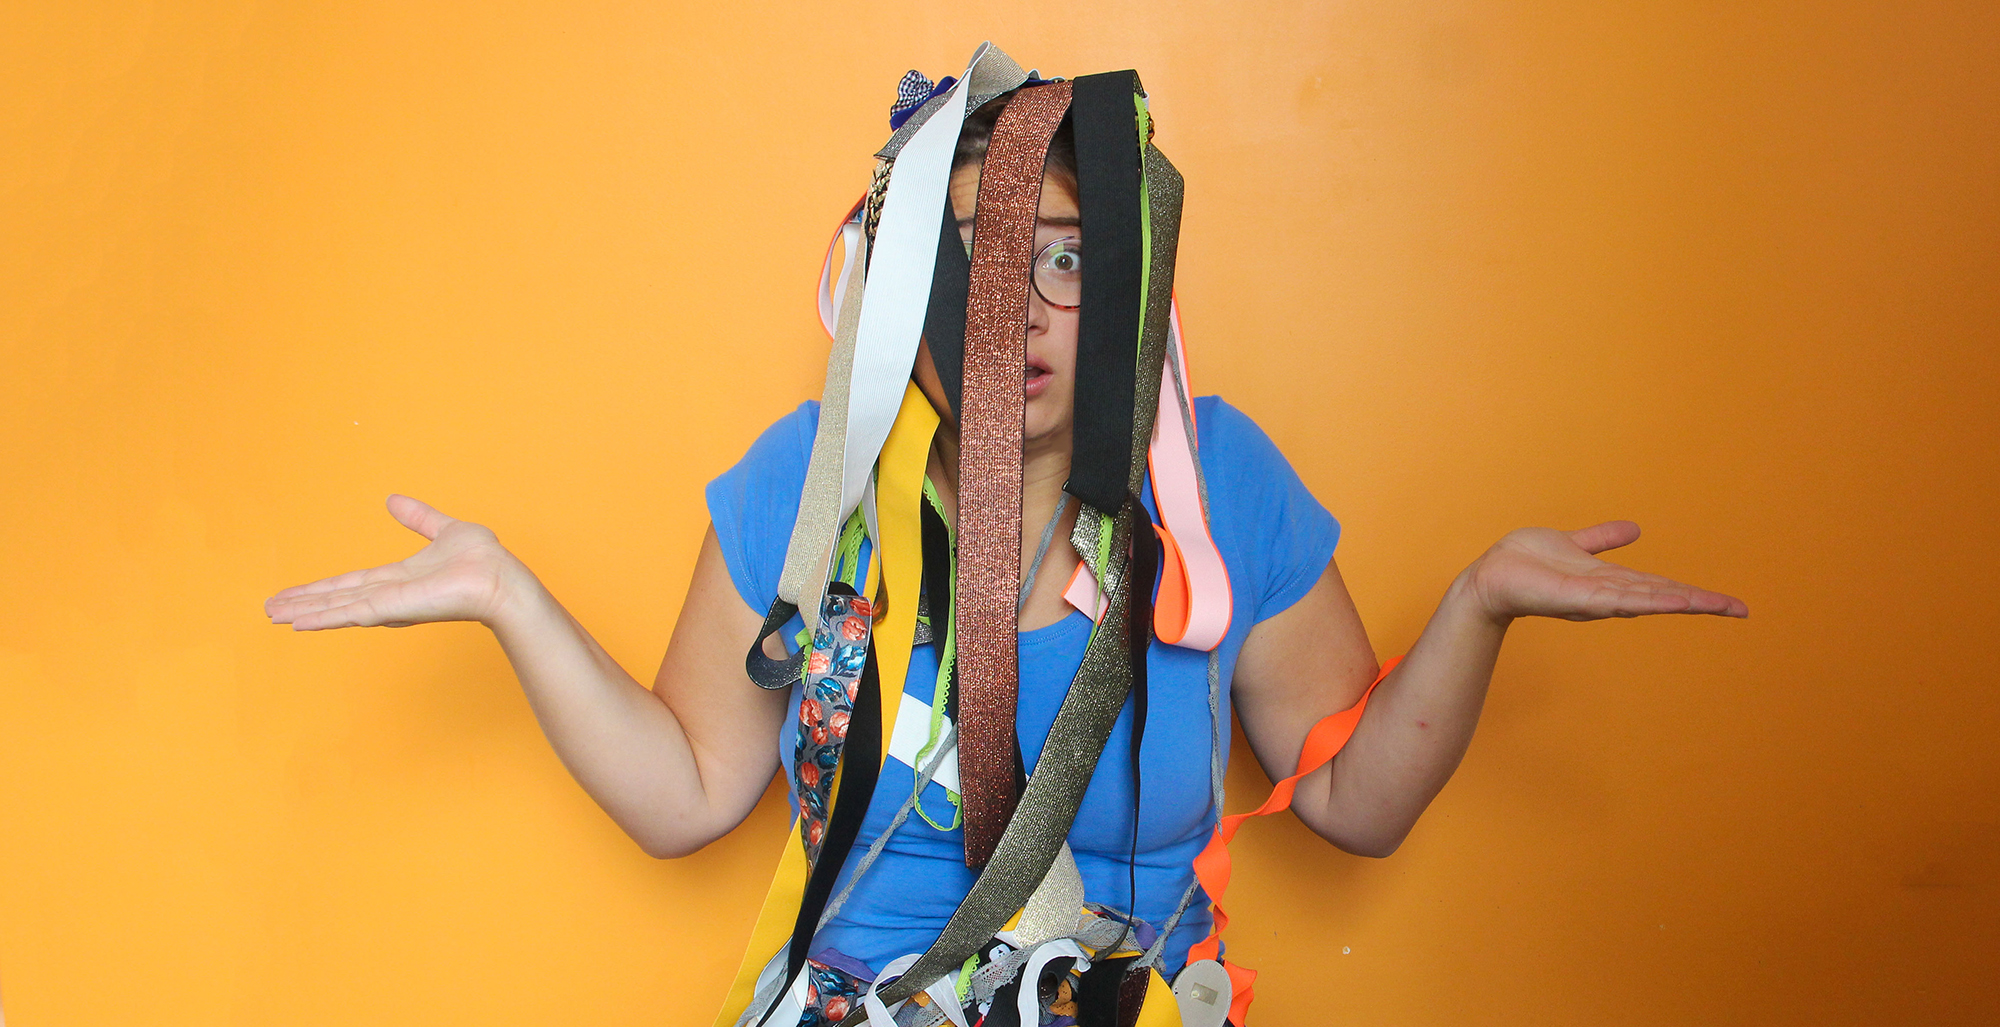 Astuce couture choisir l'élastique à coudre